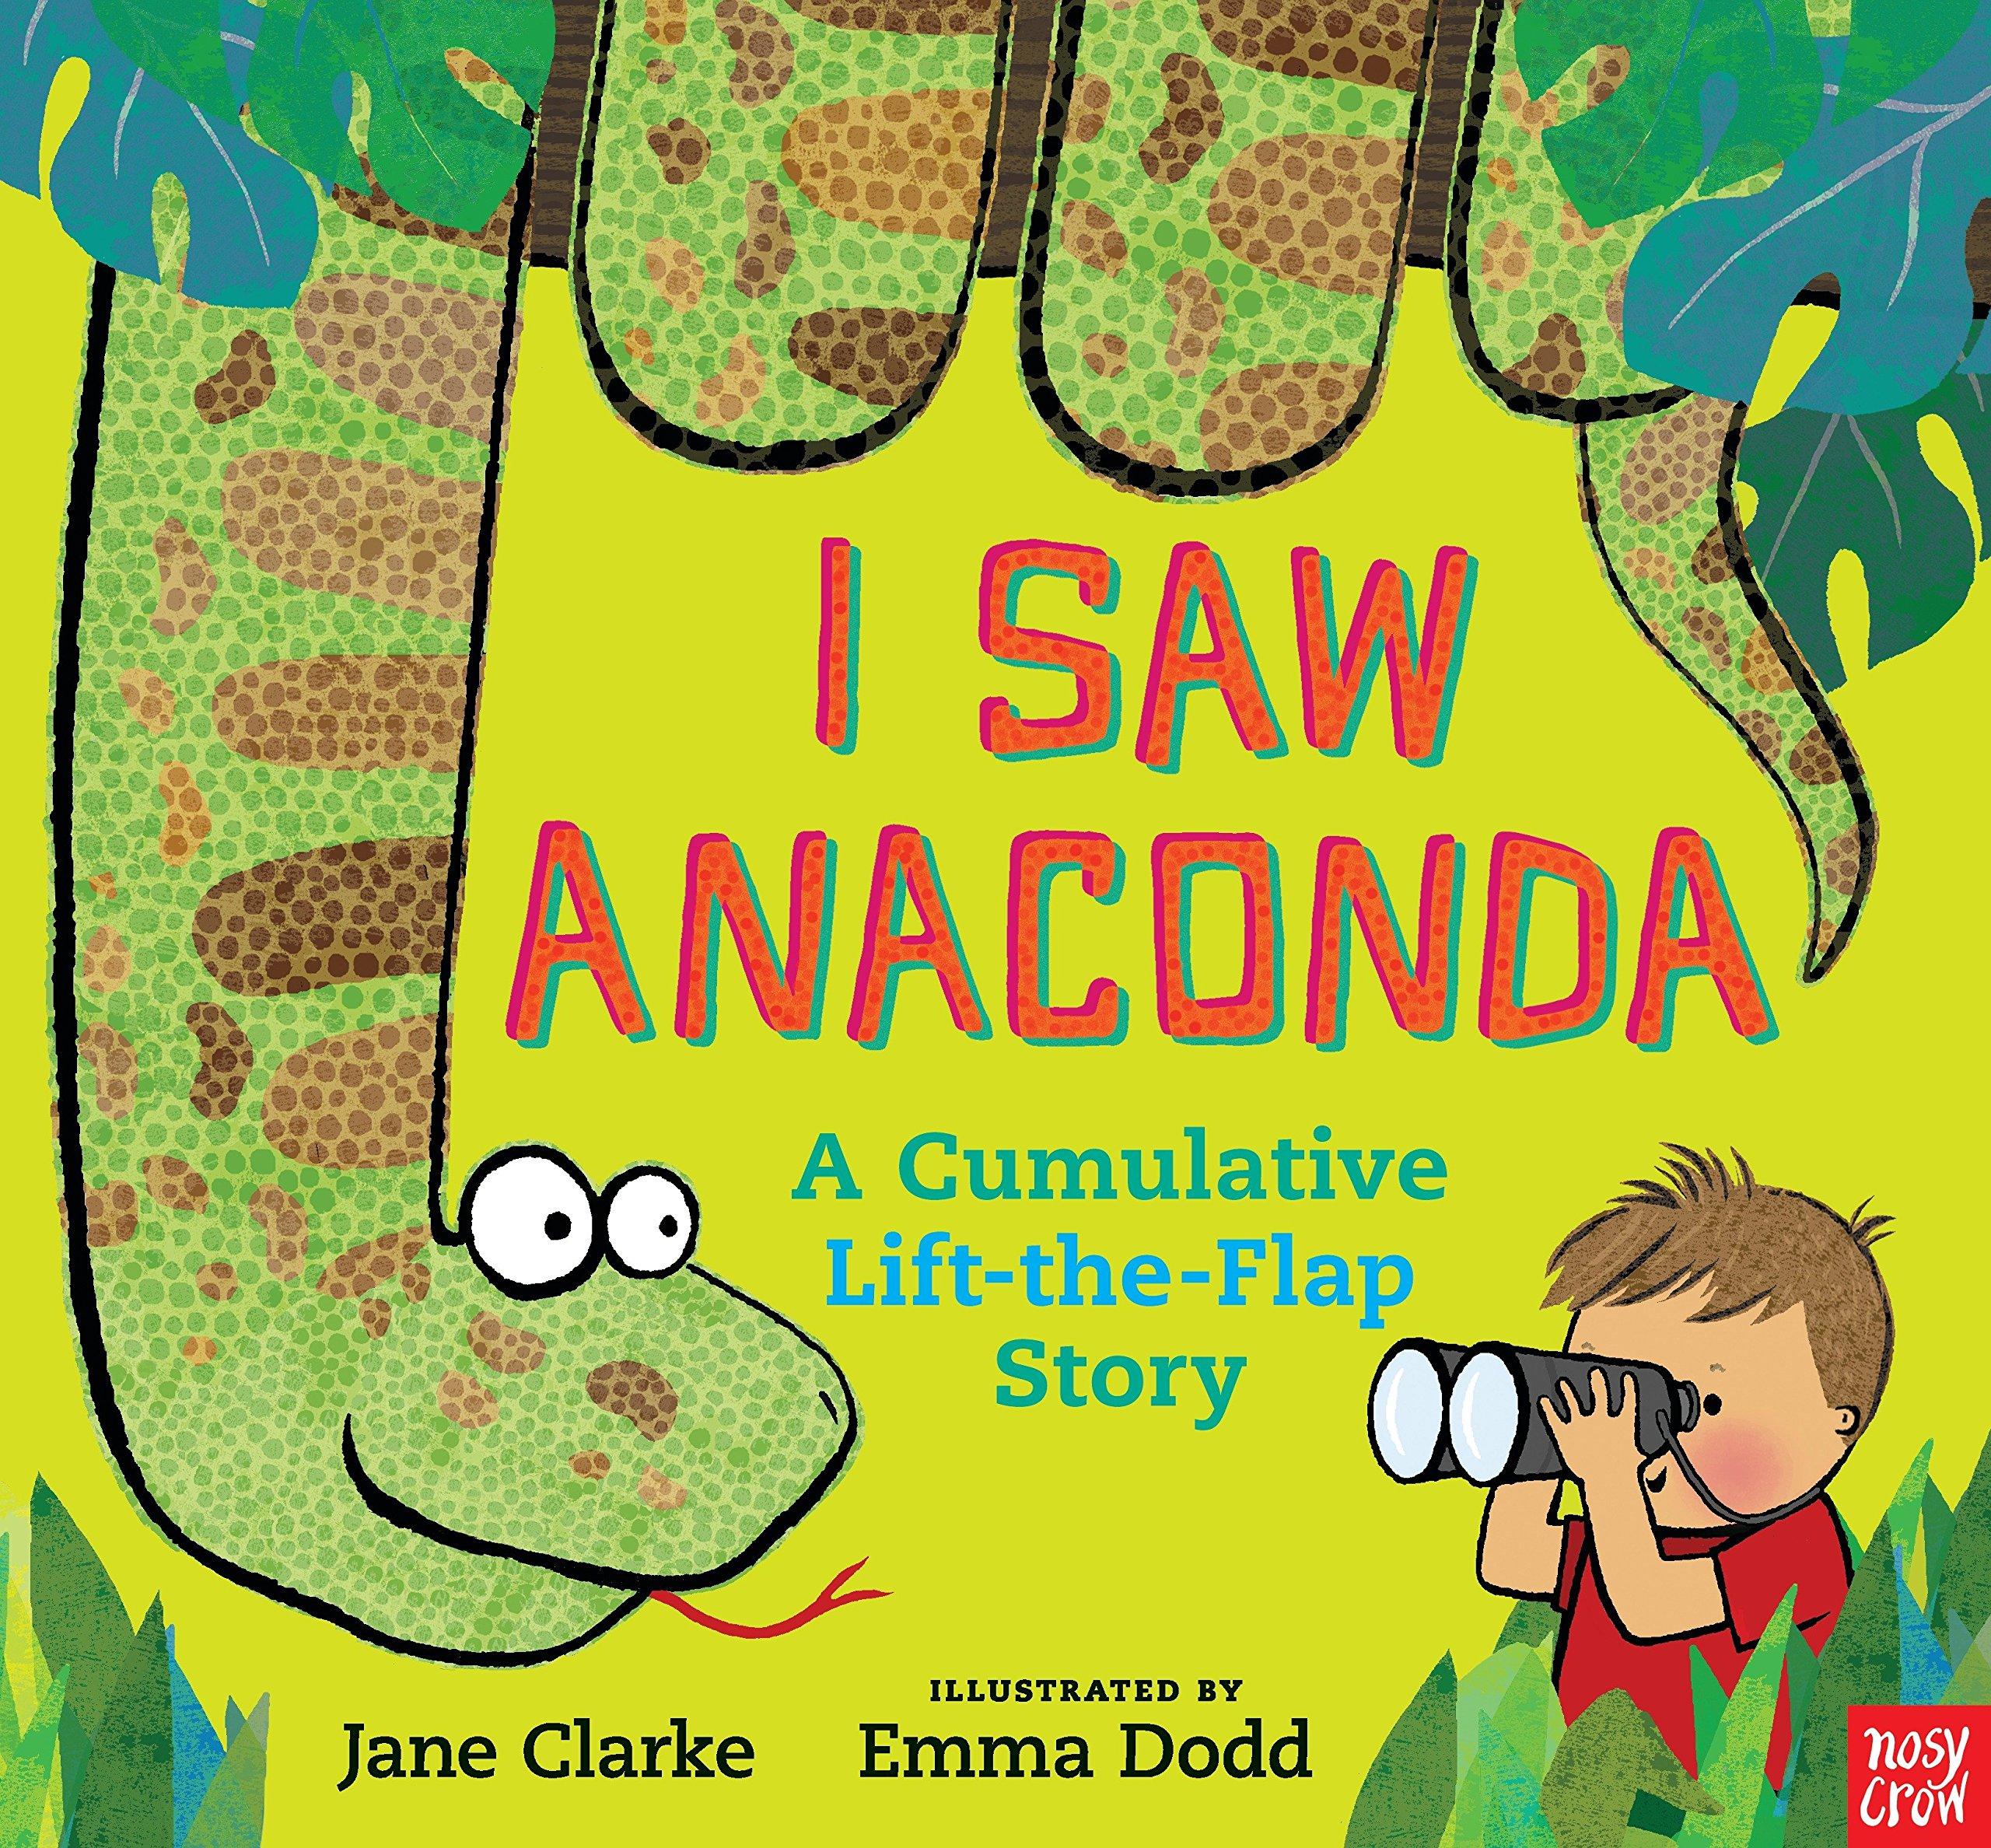 I Saw Anaconda